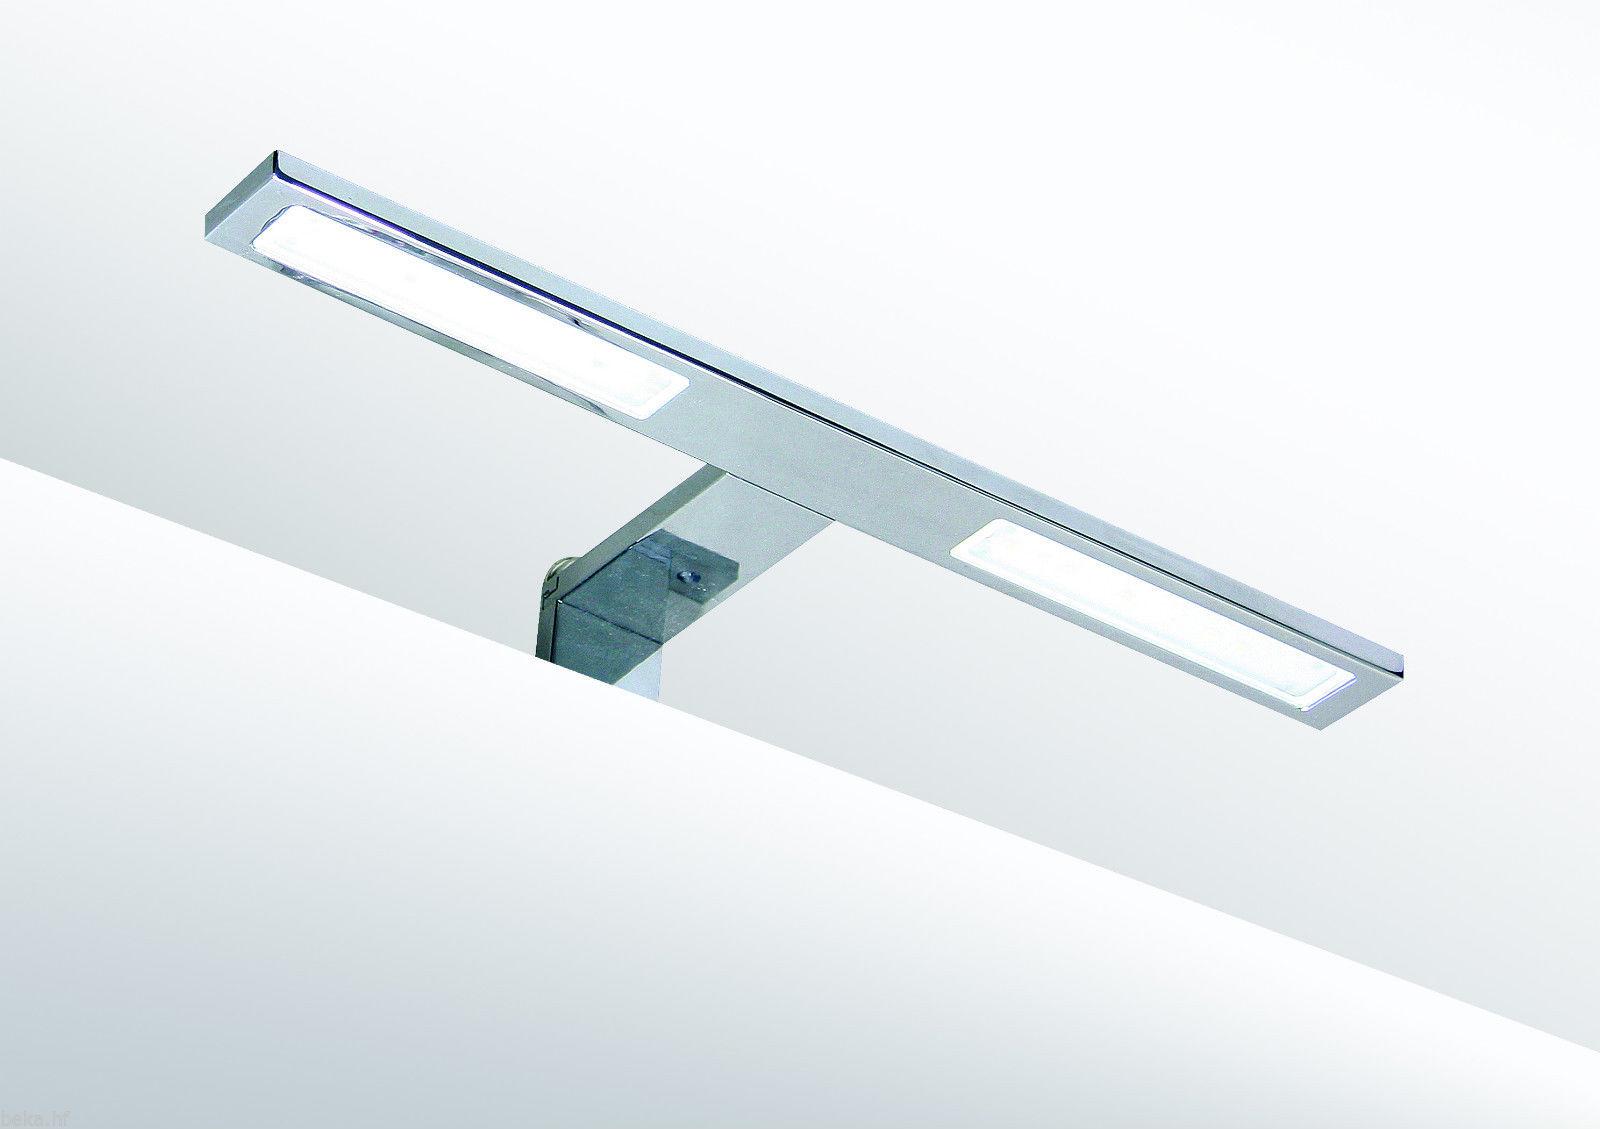 kalb  LED Badleuchte Badlampe Spiegellampe Spiegelleuchte Schranklampe  Aufbauleuchte  kalb-licht, Möbel für Leuchten online einkaufen